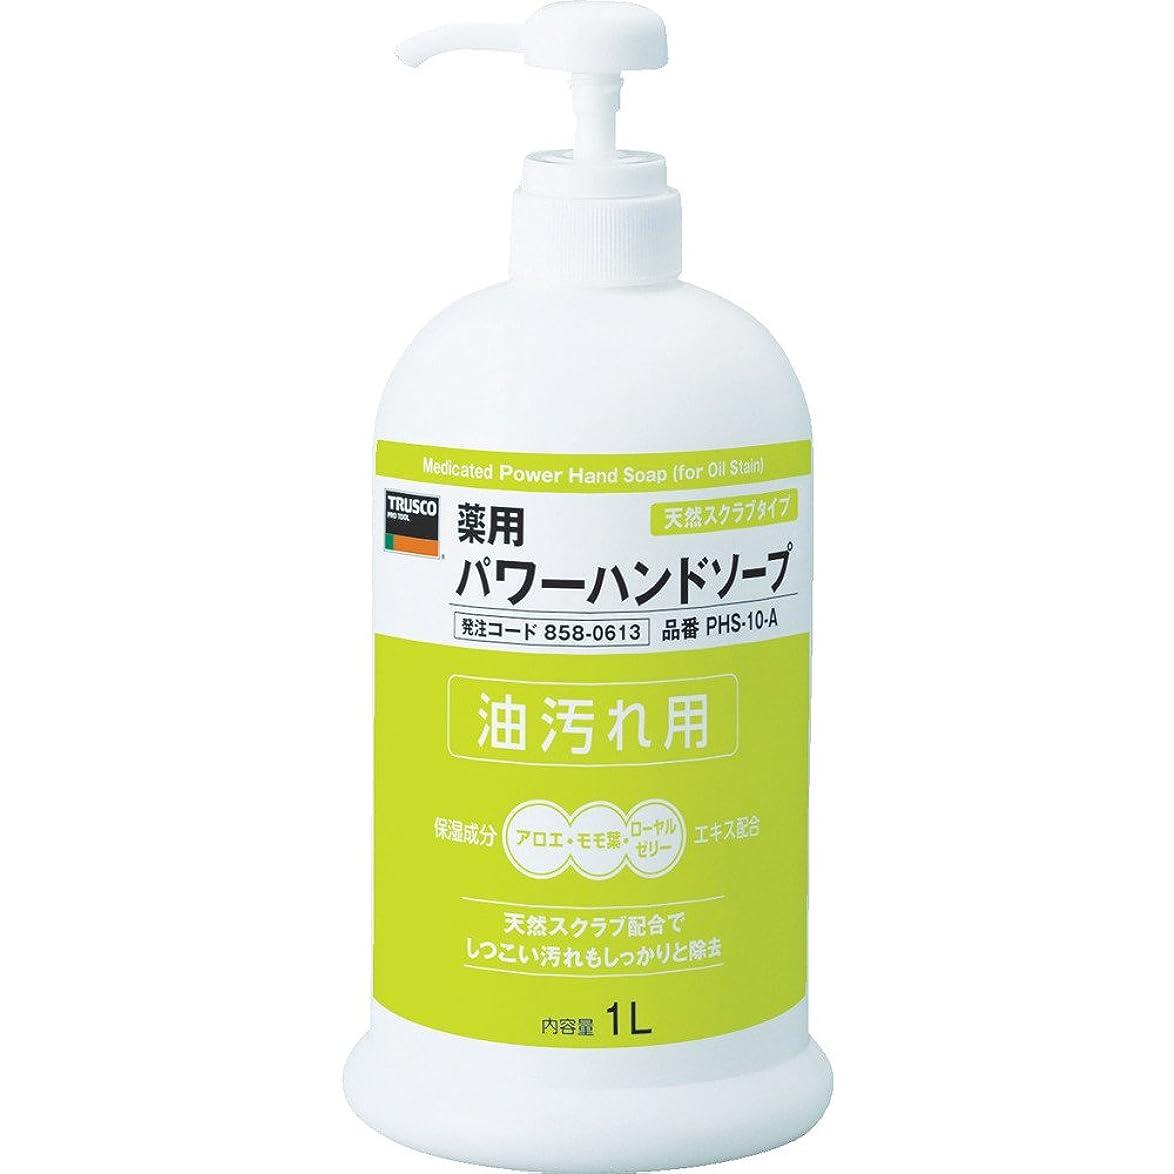 勉強する強化する酸素TRUSCO(トラスコ) 薬用パワーハンドソープ ポンプボトル 1.0L PHS-10-A